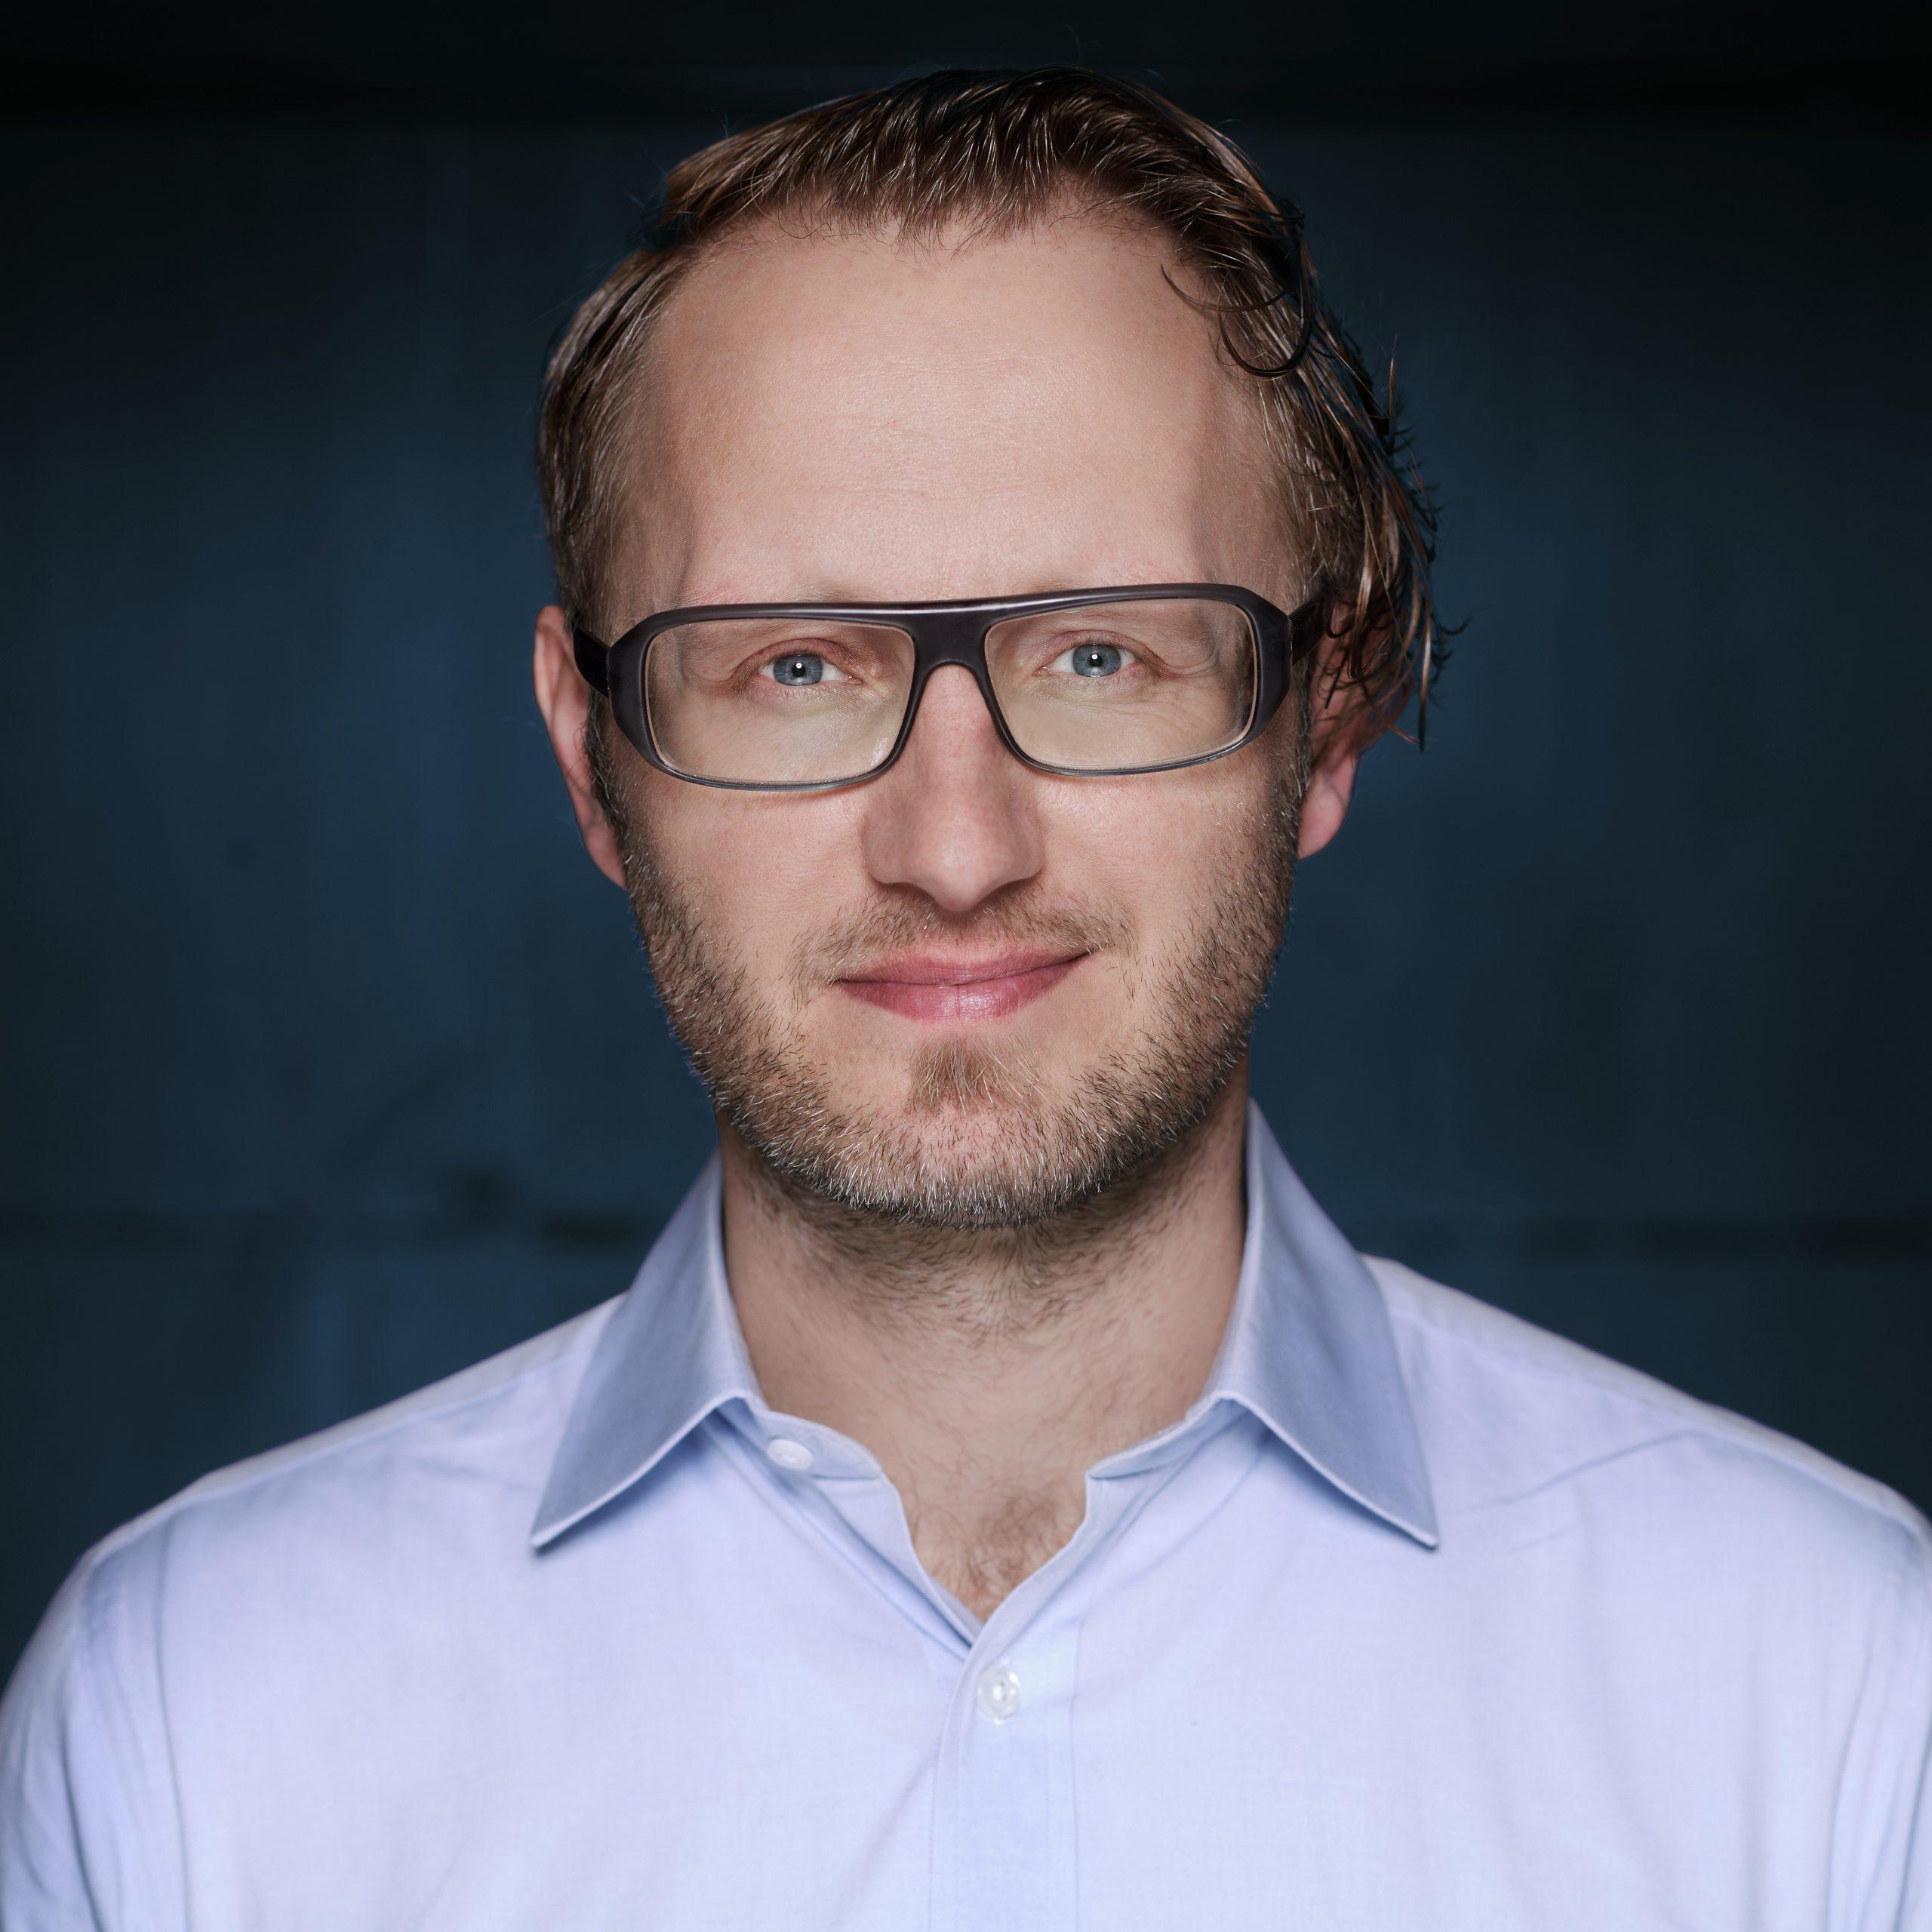 Benjamin Dammertz ist Gründer und Geschäftsführer des Software-Unternehmens FoxBase. Er ist als Ökonom und mit mehreren Jahren Erfahrung als Projekt- und Abteilungsleiter in der Marketingberatung heute bei FoxBase vor allem für Marketing, Vertrieb und Customer Success Management verantwortlich.